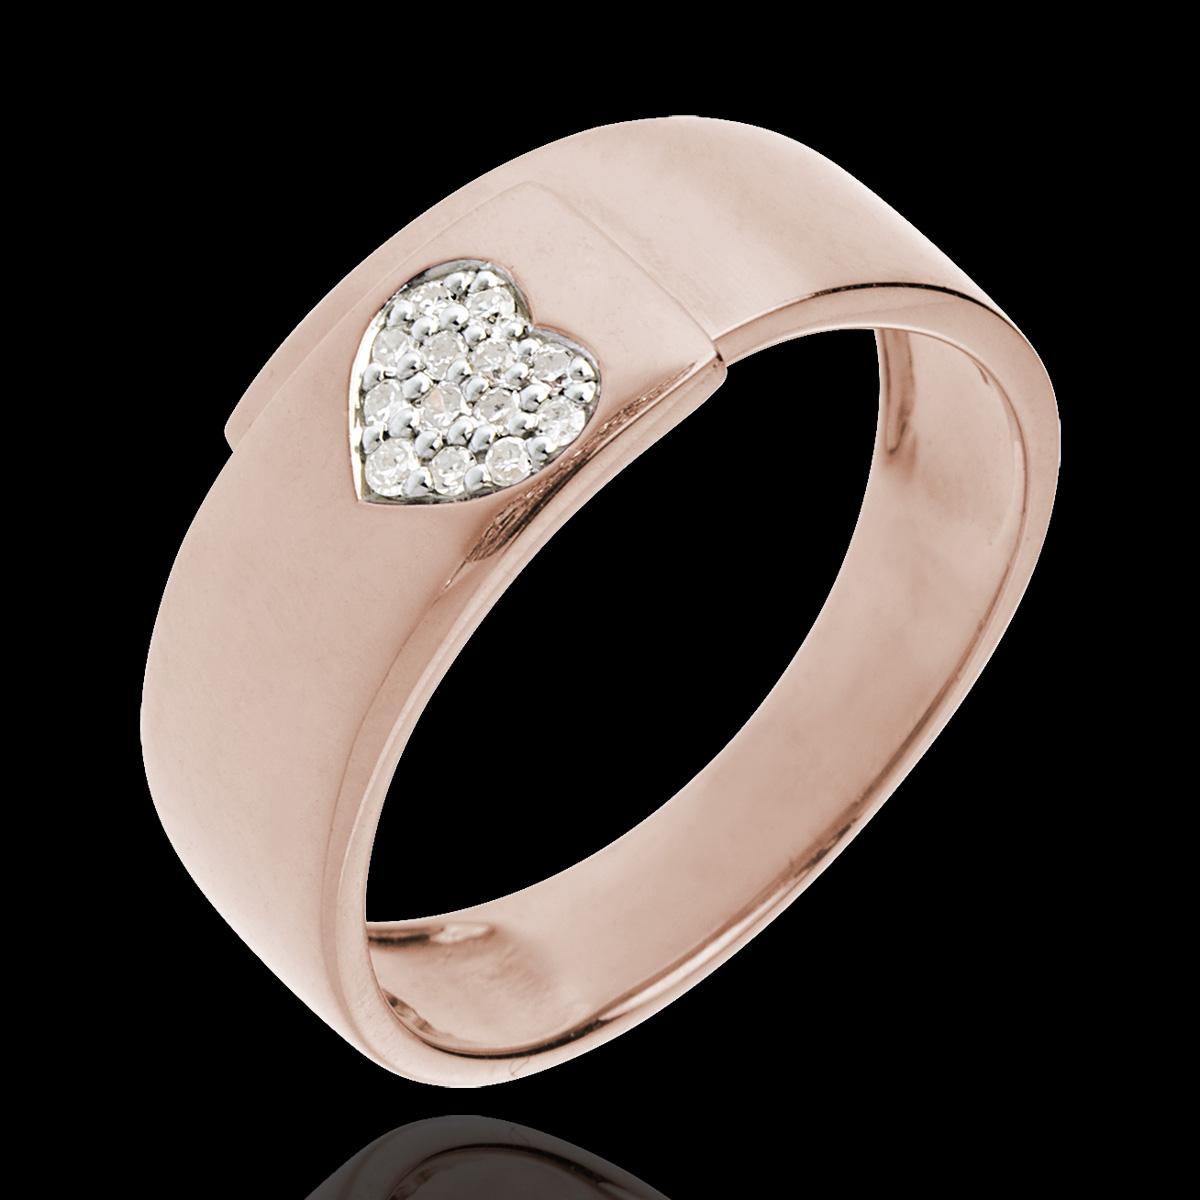 herzring roségold mit diamanten  edenlyschmuck